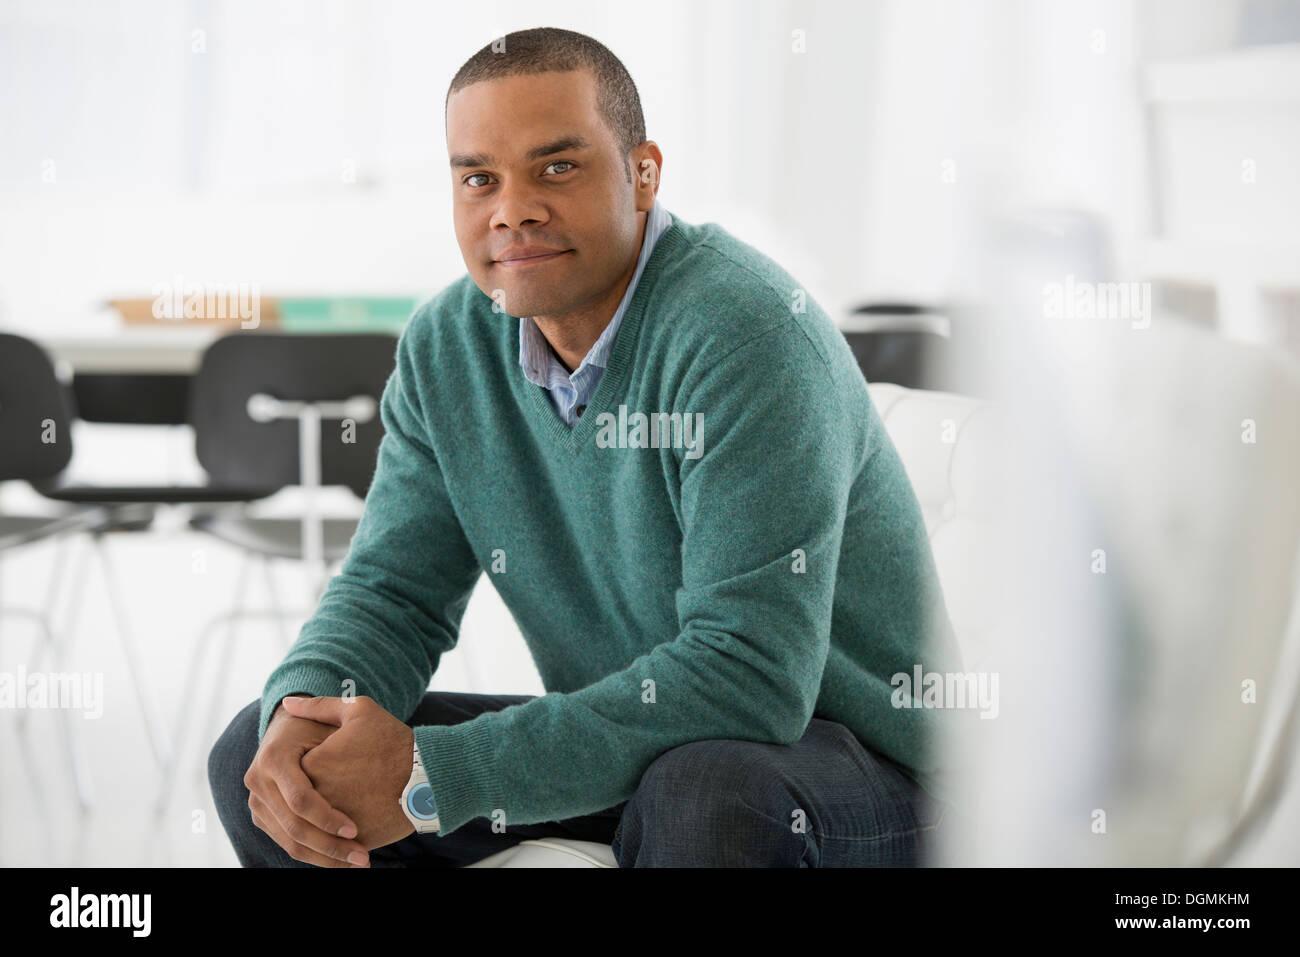 Geschäft. Ein Mann sitzt, Hände in einer entspannten zuversichtlich Pose. Stockbild